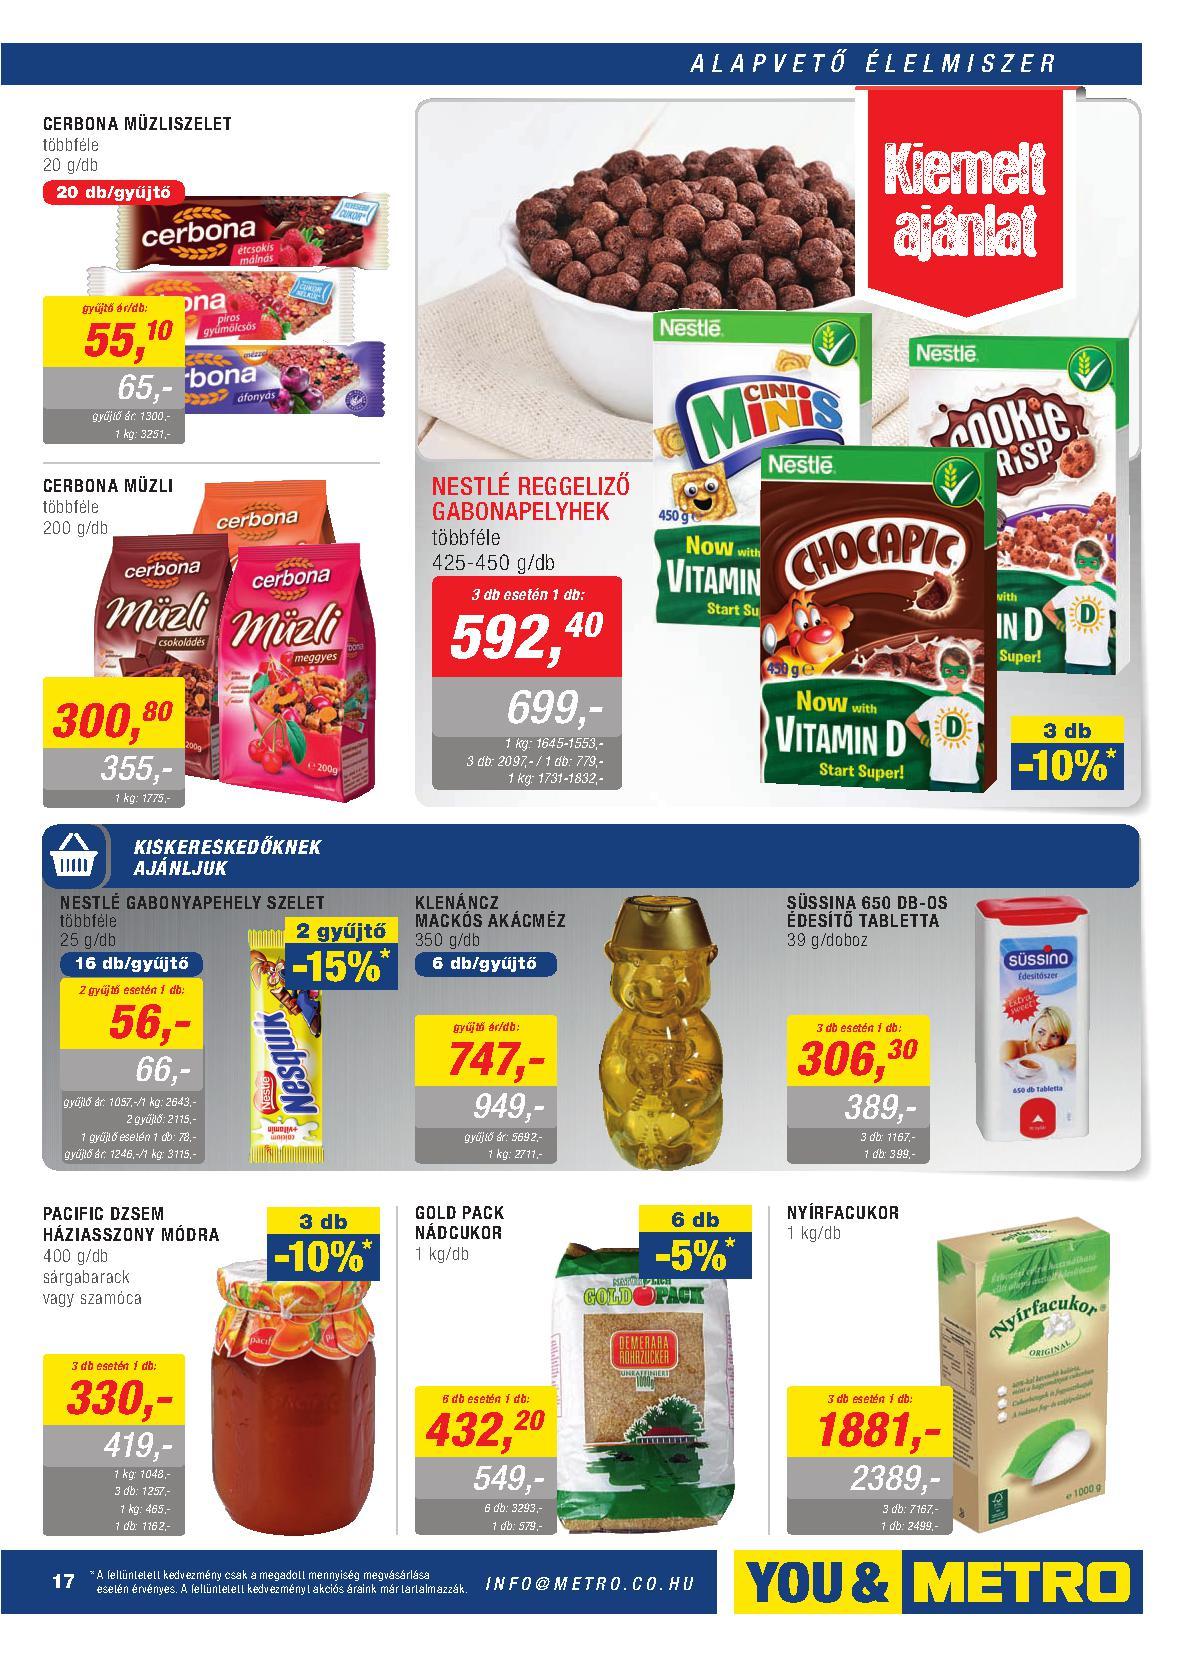 Metro Mađarska akcija praznična ponuda prehrane